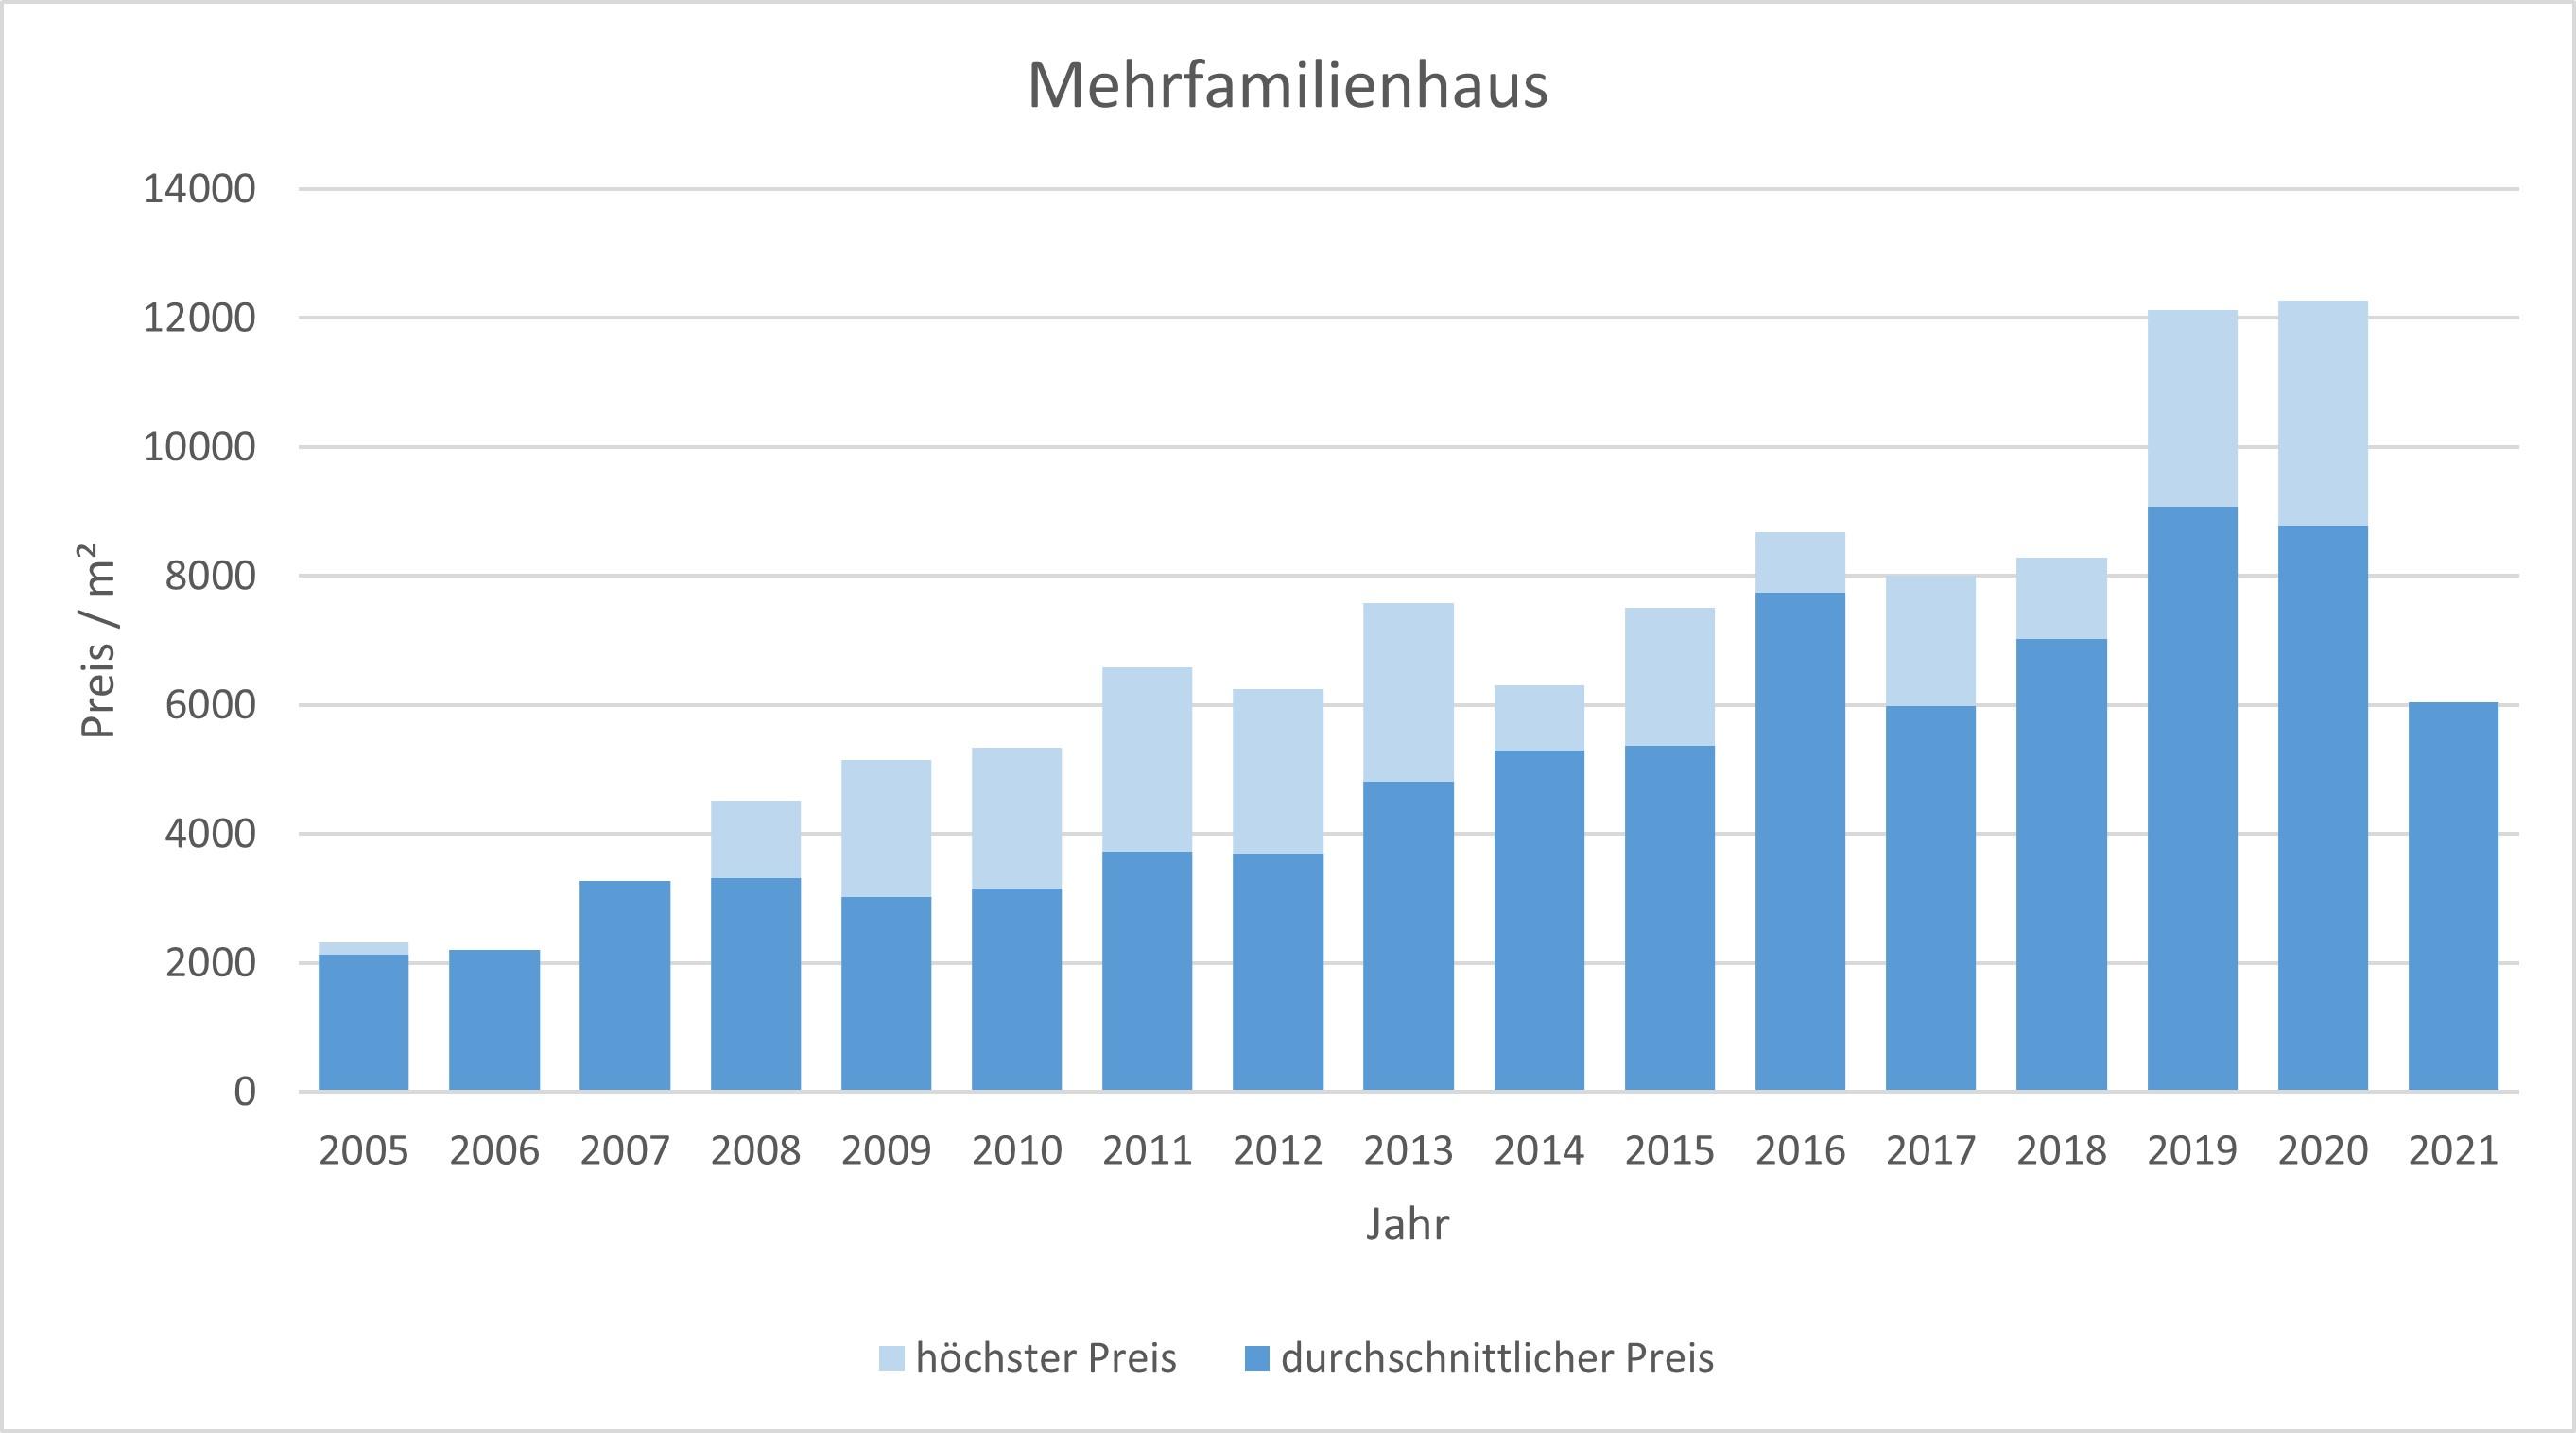 München - Forstenried Mehrfamilienhaus kaufen verkaufen Preis Bewertung Makler 2019 2020 2021 www.happy-immo.de